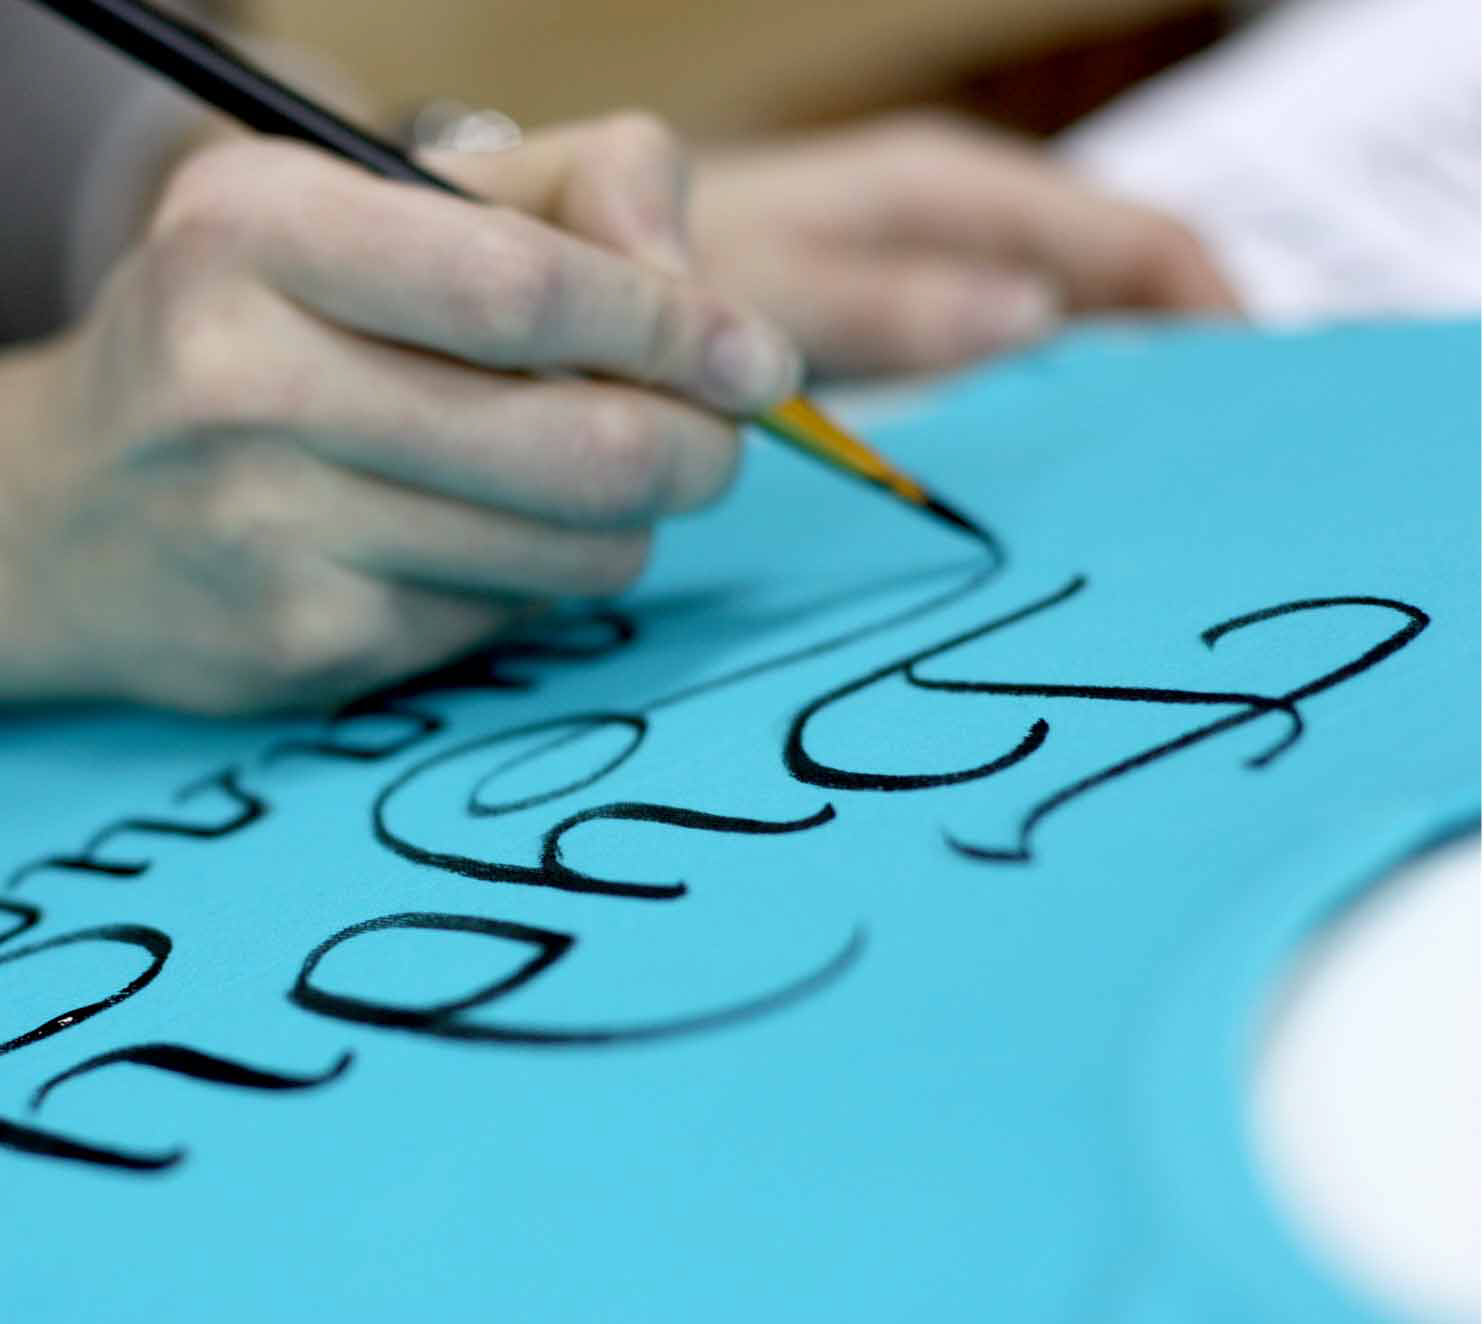 Фото как научиться красиво писать